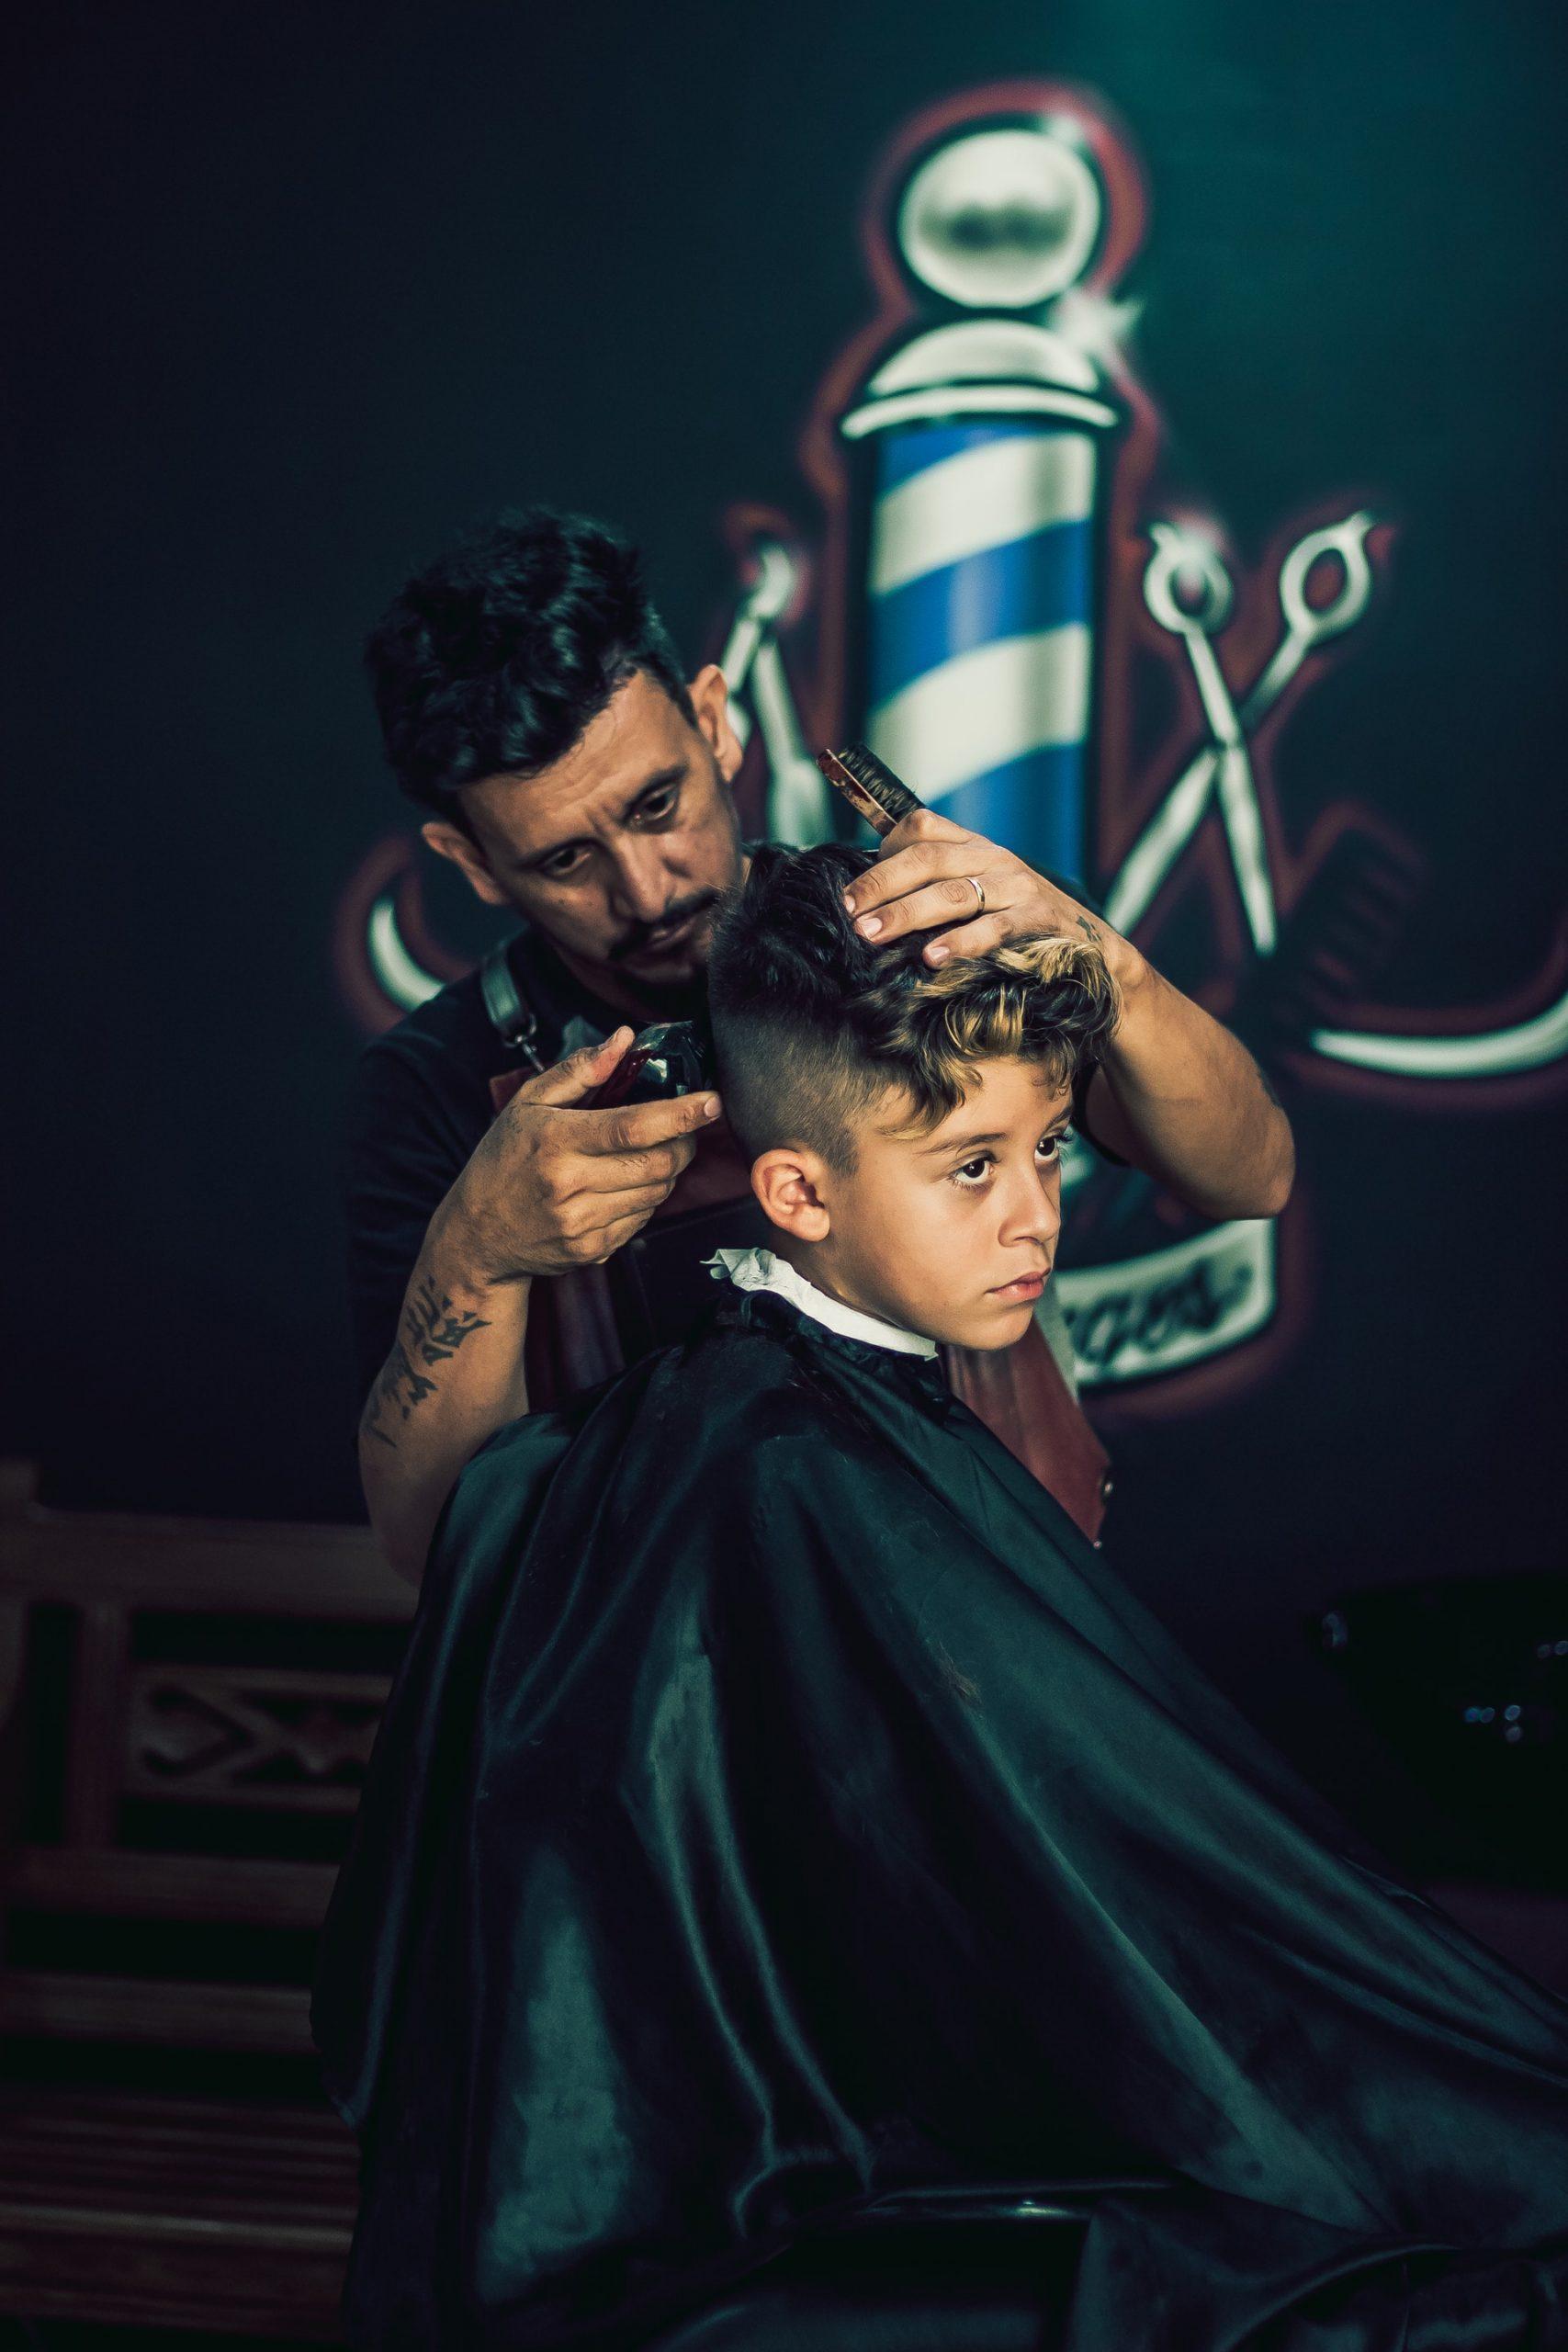 barber-grooming-kid-2204690